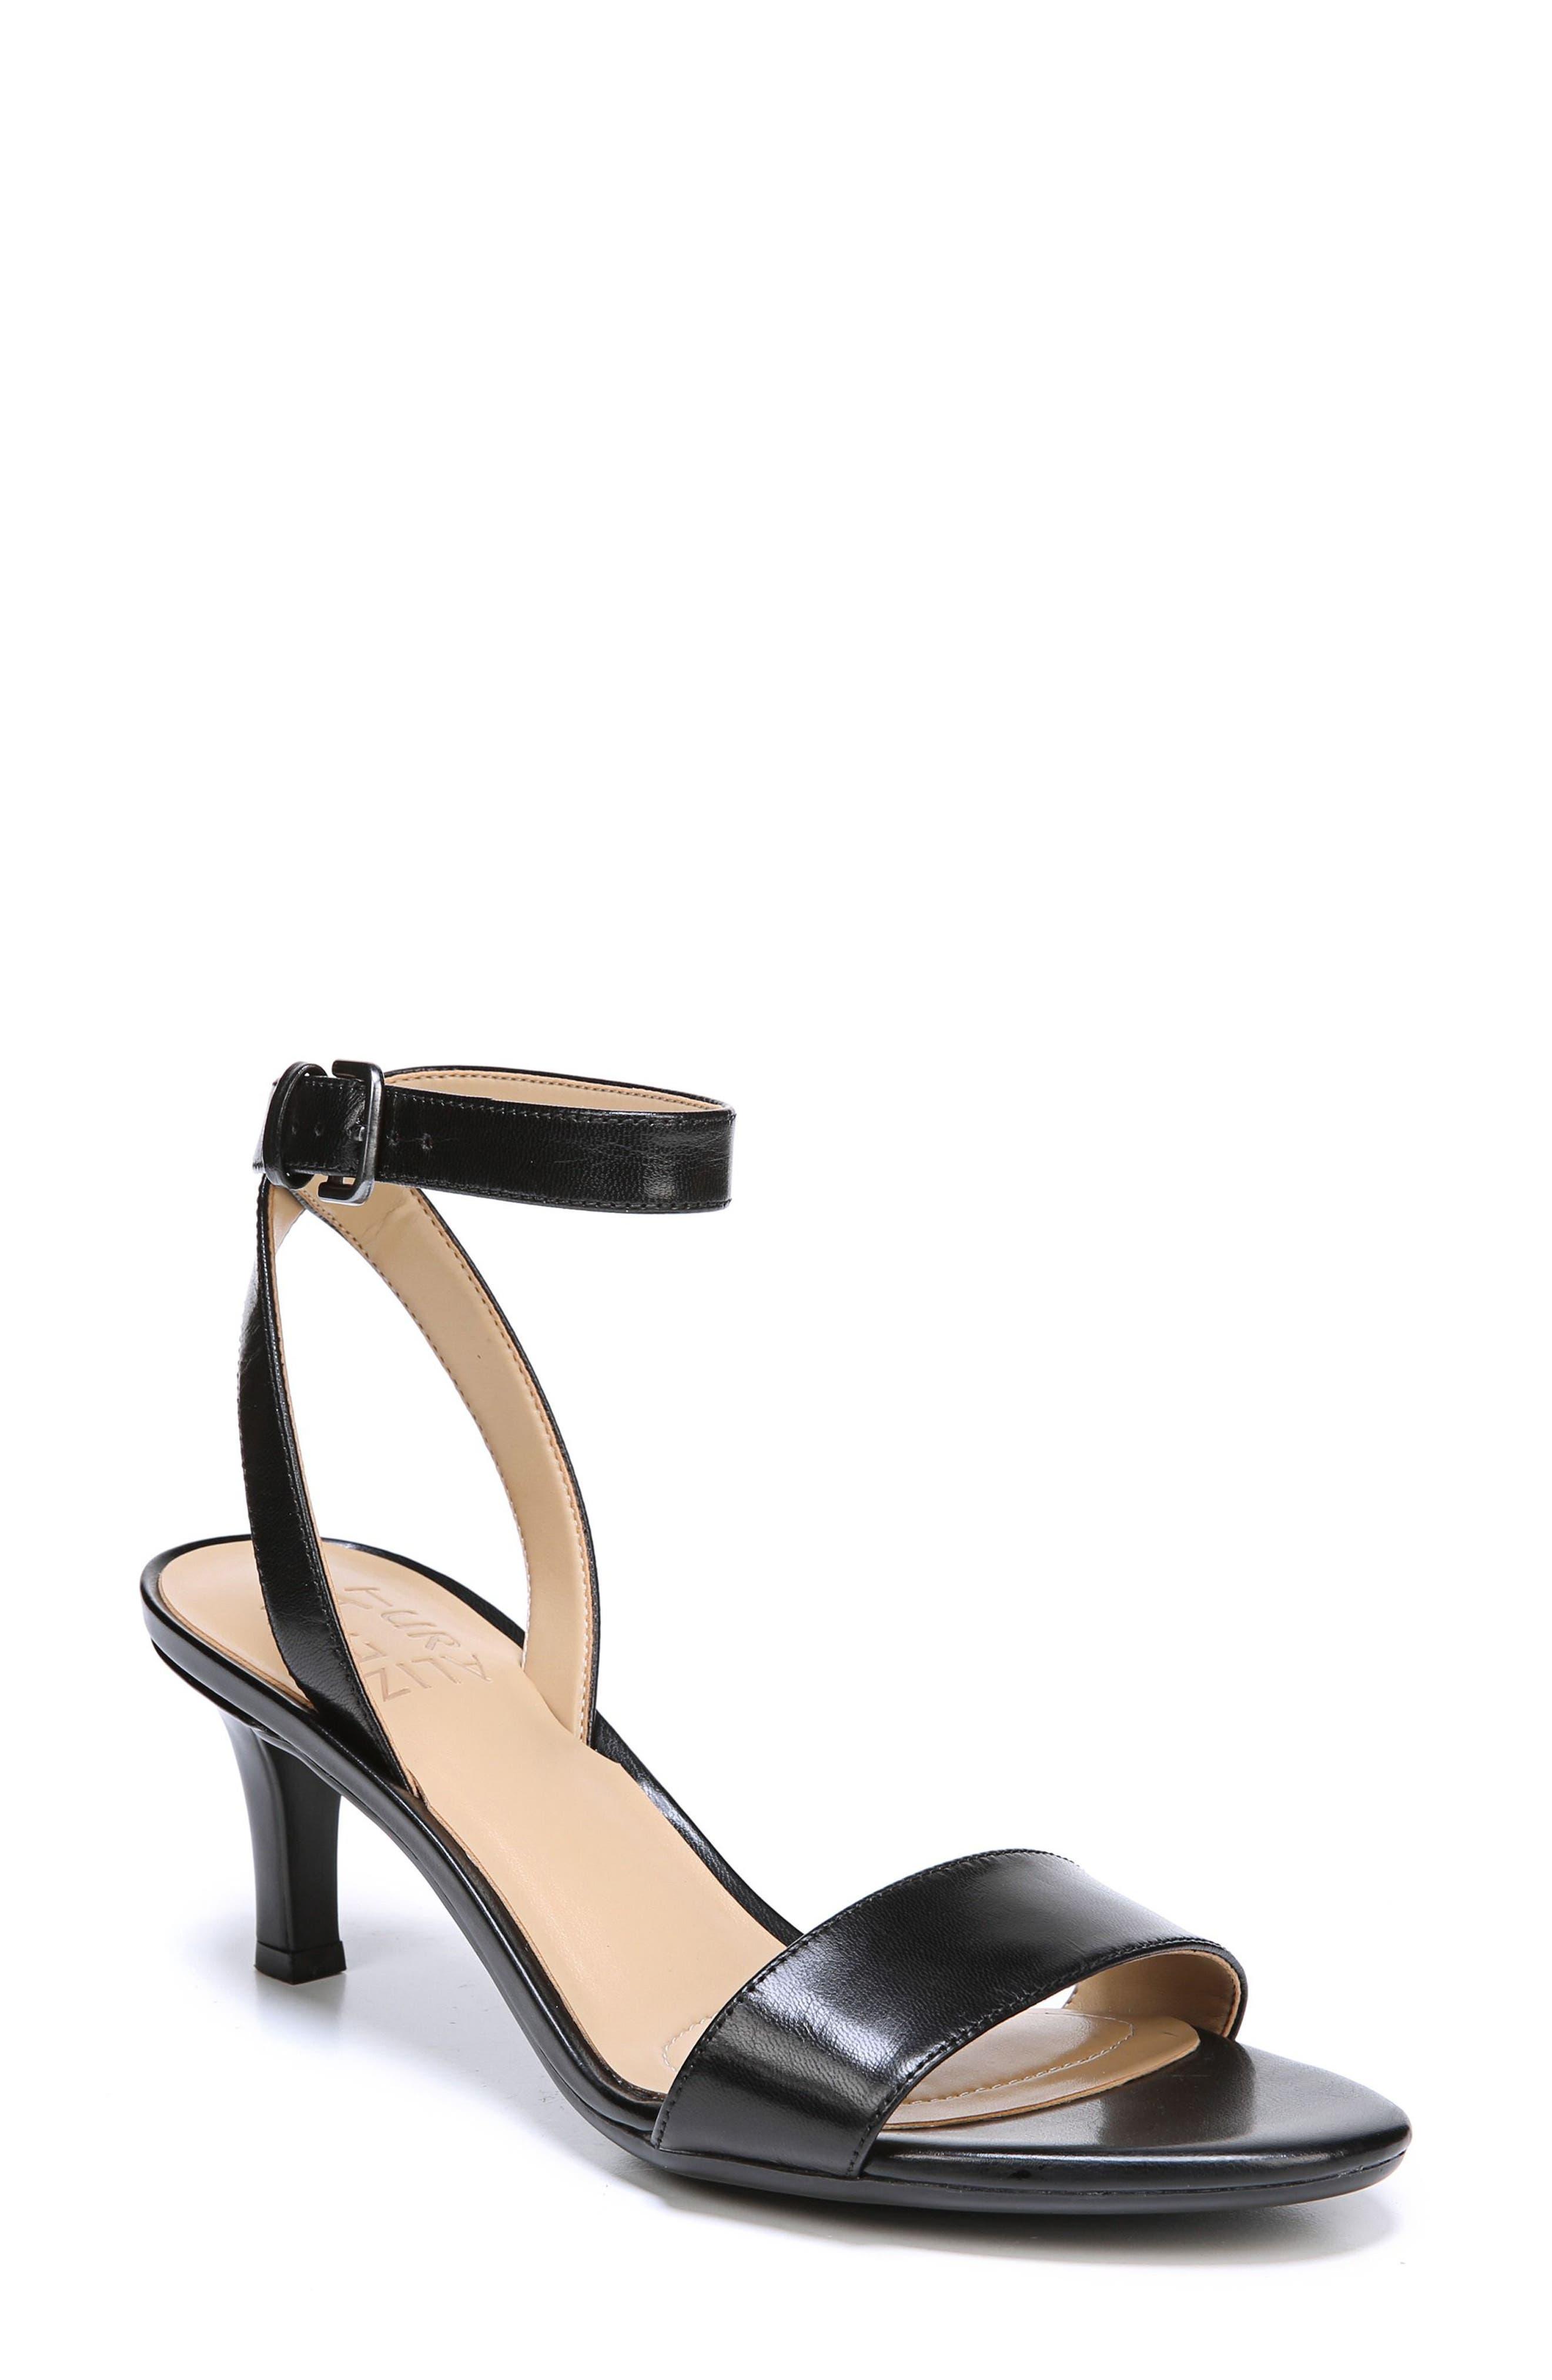 Tinda Sandal,                             Main thumbnail 1, color,                             Black Leather